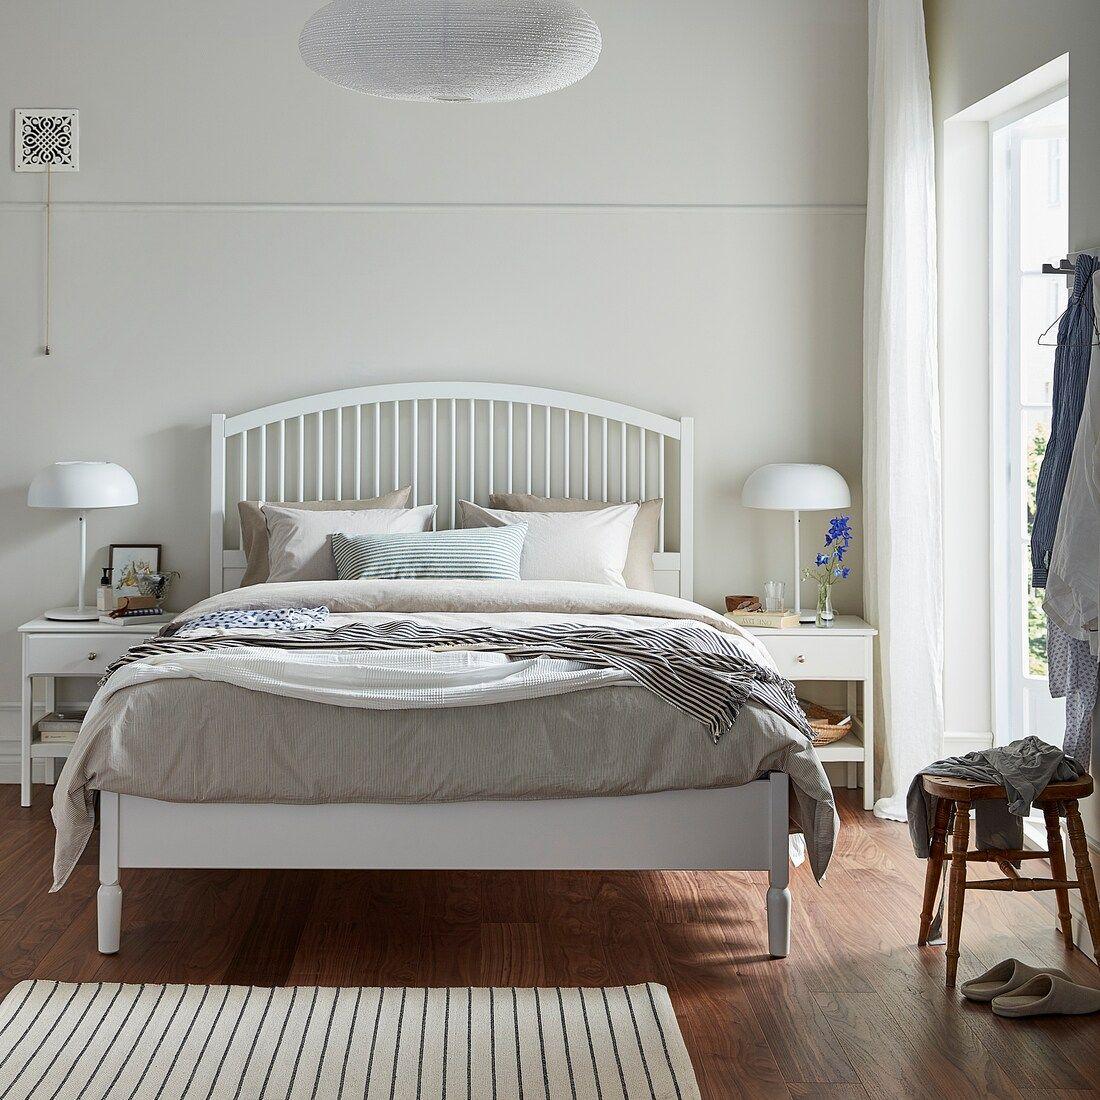 Tyssedal Bed Frame White Full Ikea In 2020 Adjustable Beds Bed Frame Bed Slats